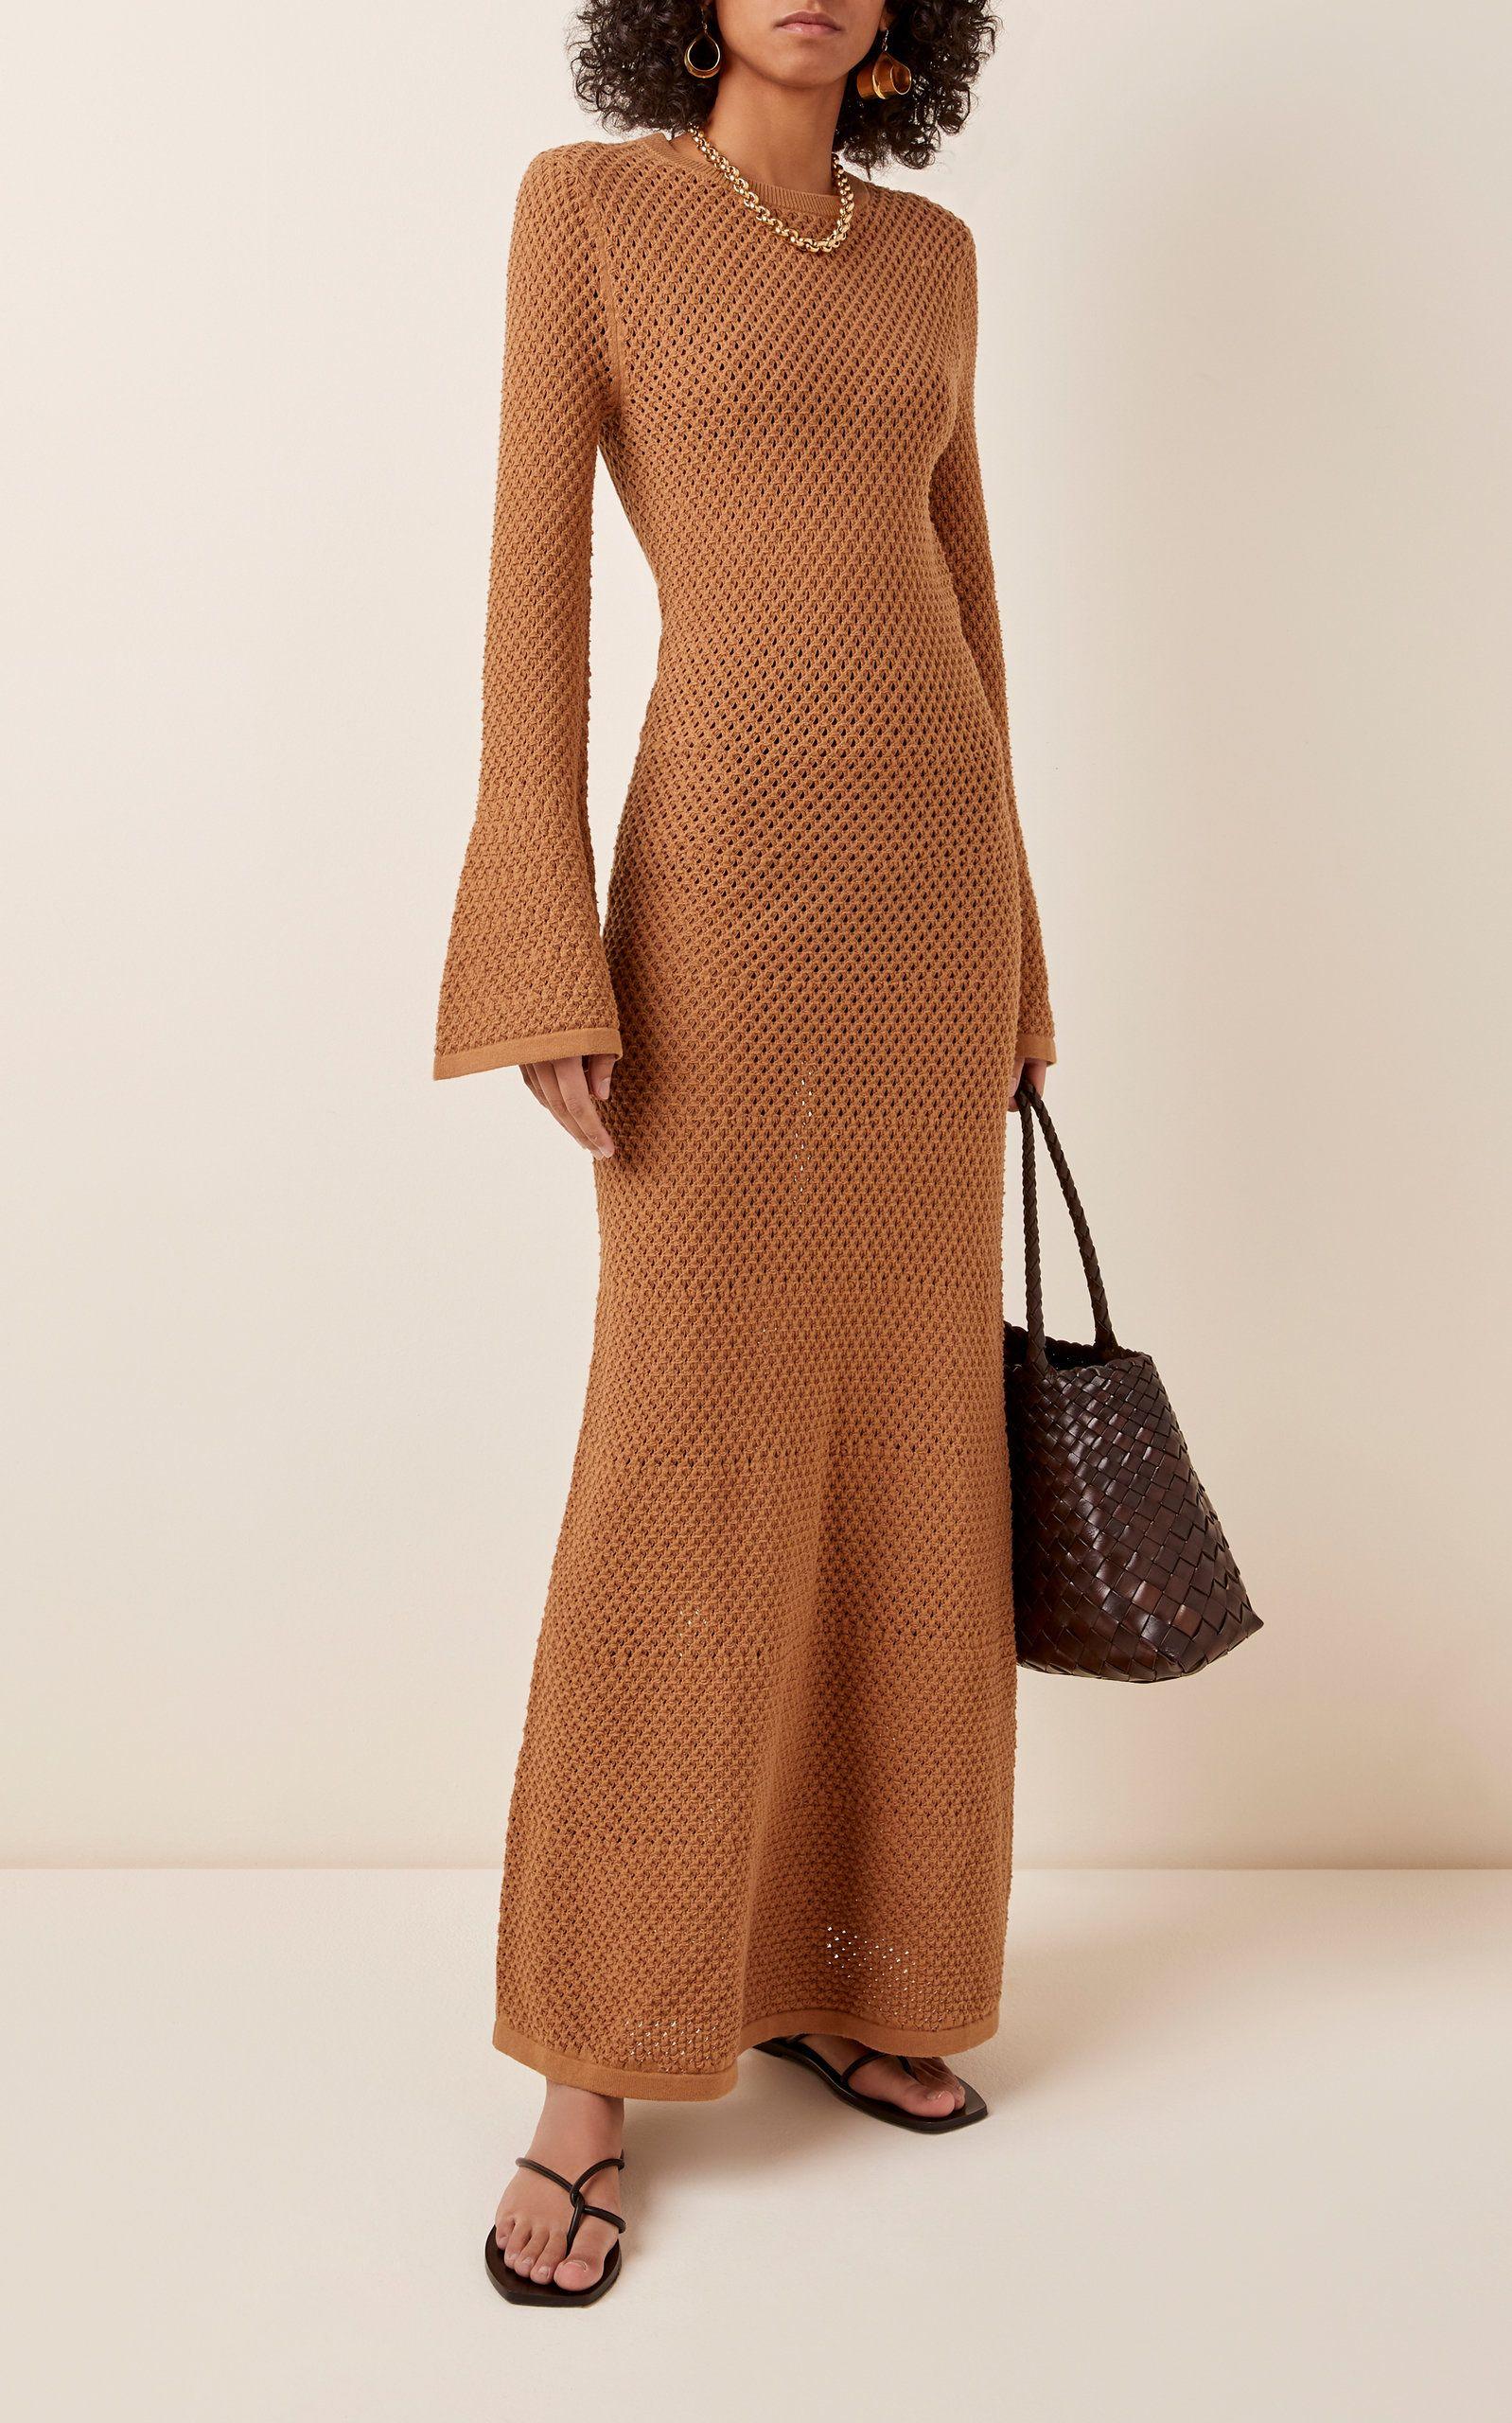 10++ Knit maxi dress ideas in 2021